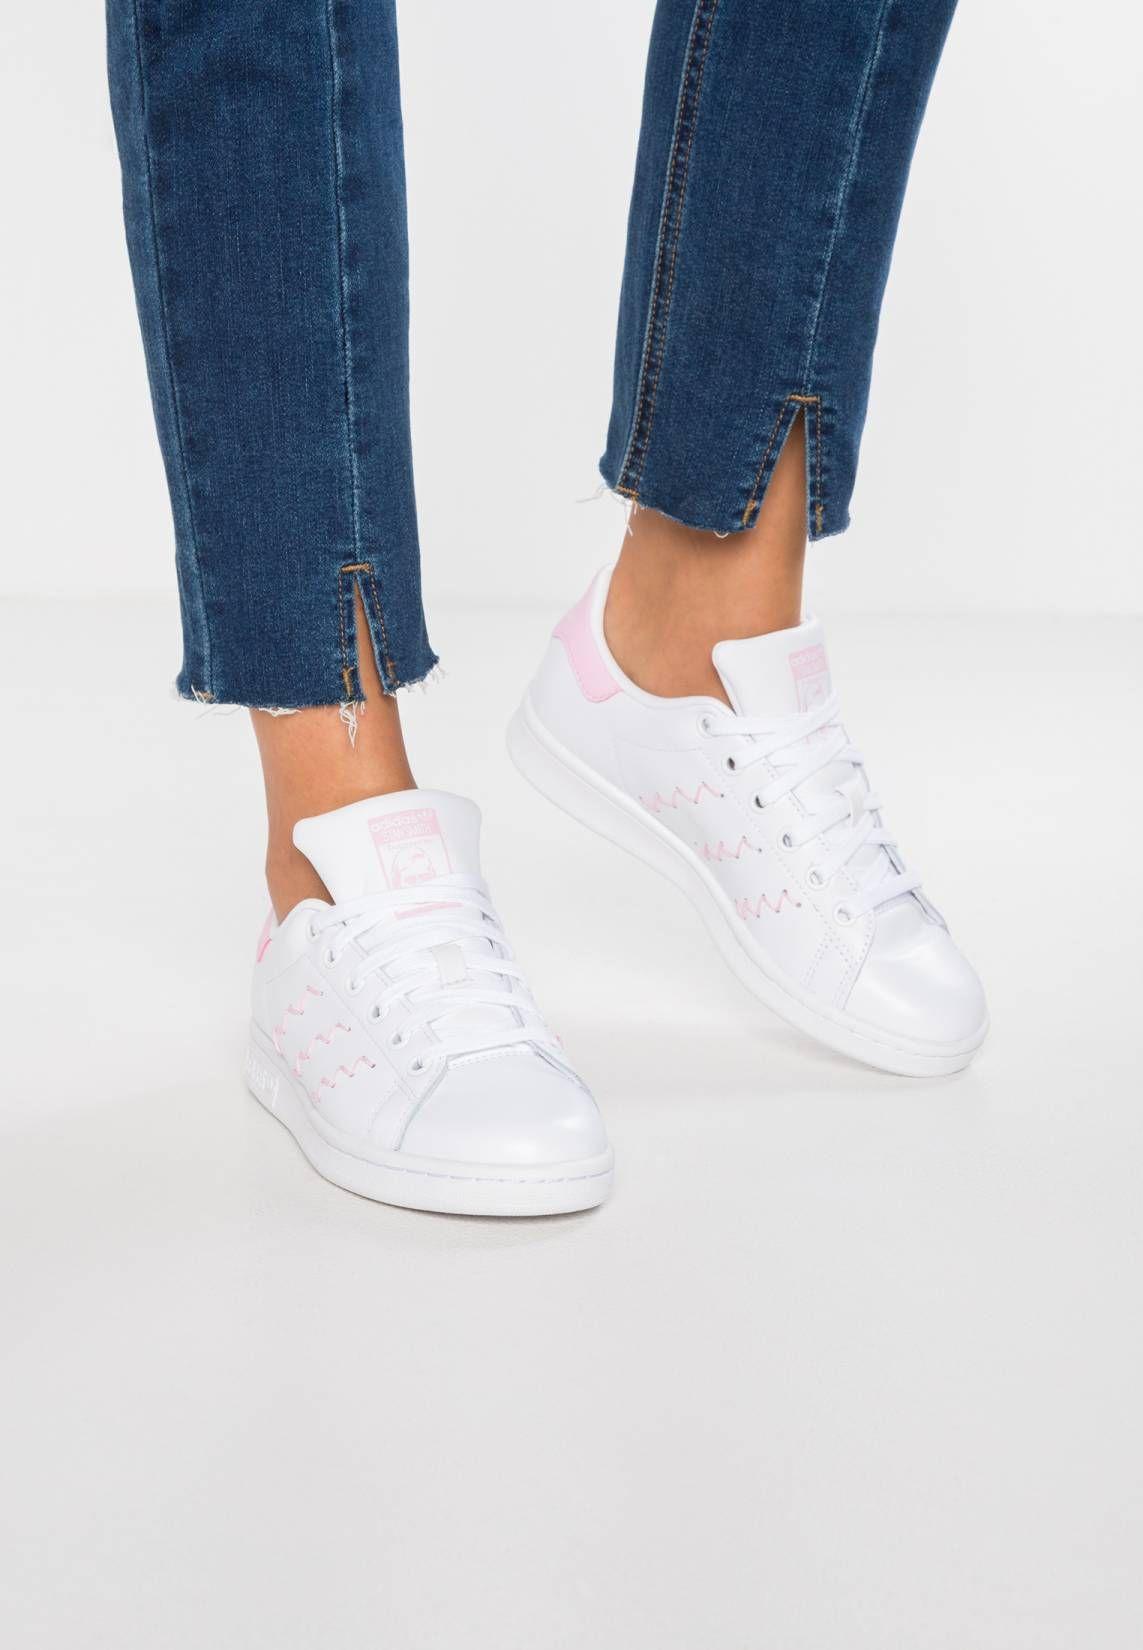 adidas Originals – Stan Smith – Sneaker mit Doppelsohle